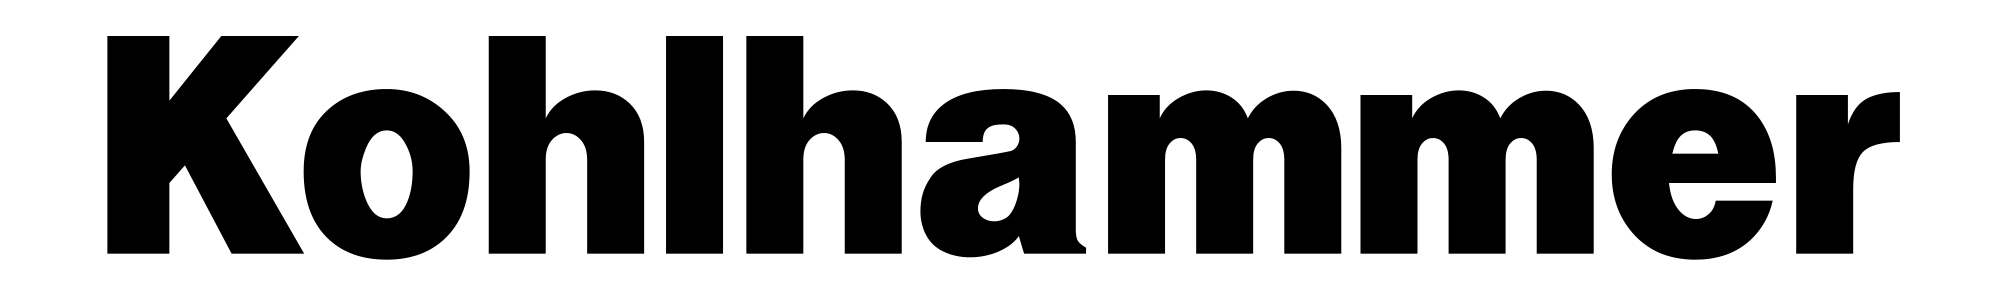 Kohlhammer W.